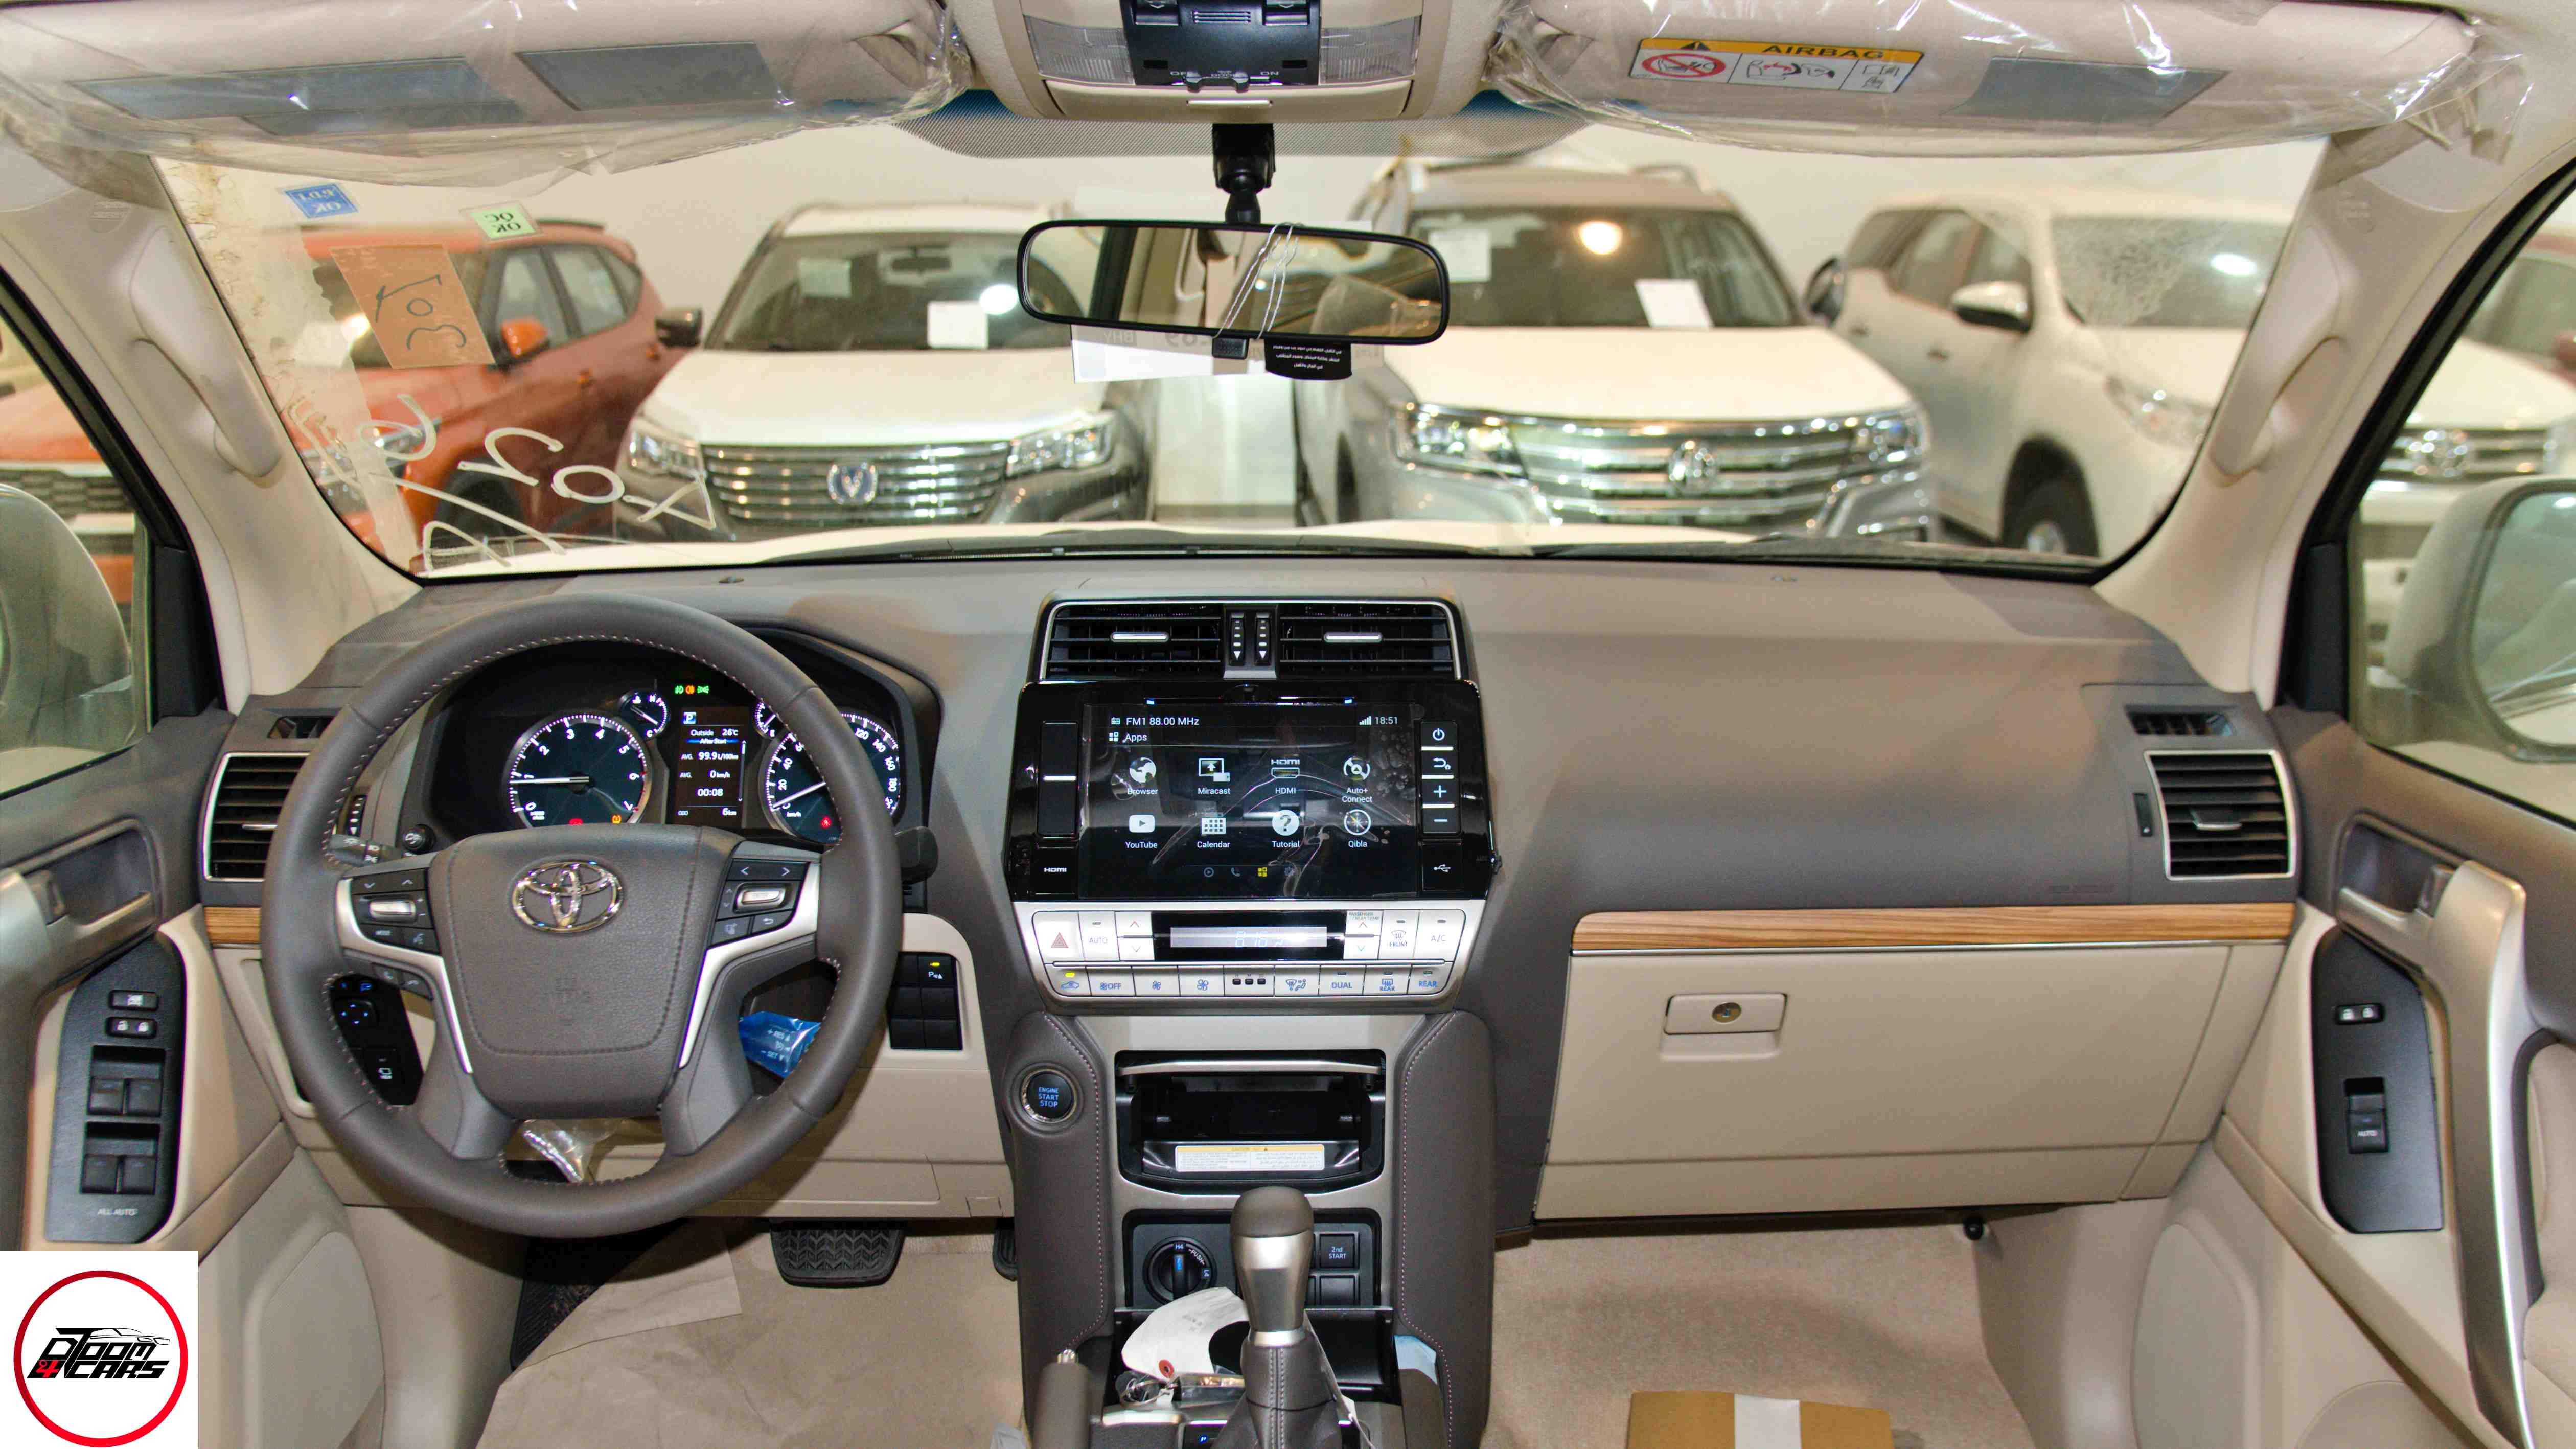 تويوتا برادو2021 VX1 بنزين  سعودي  للبيع في الرياض - السعودية - صورة كبيرة - 5